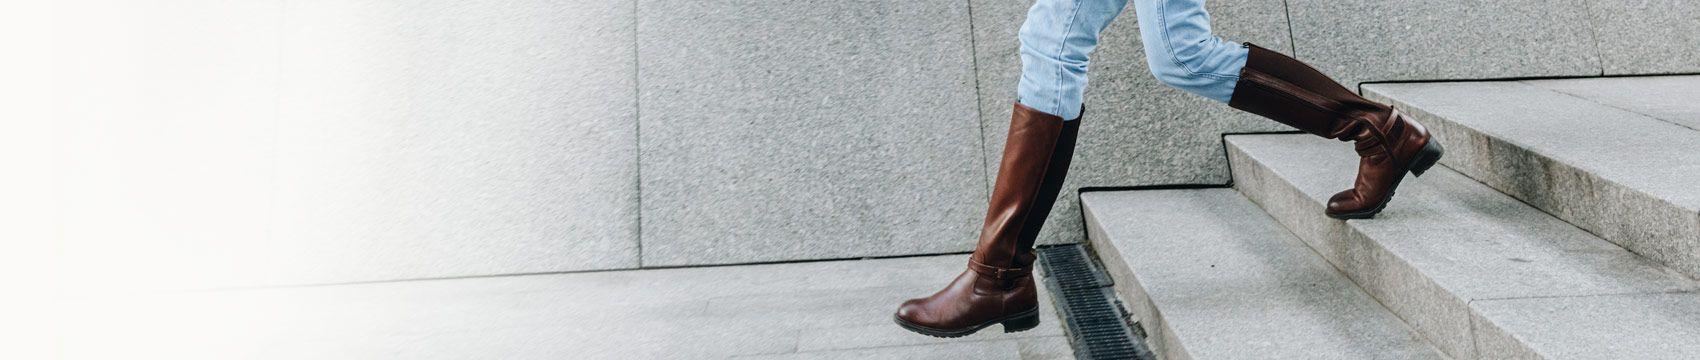 Flache Stiefel